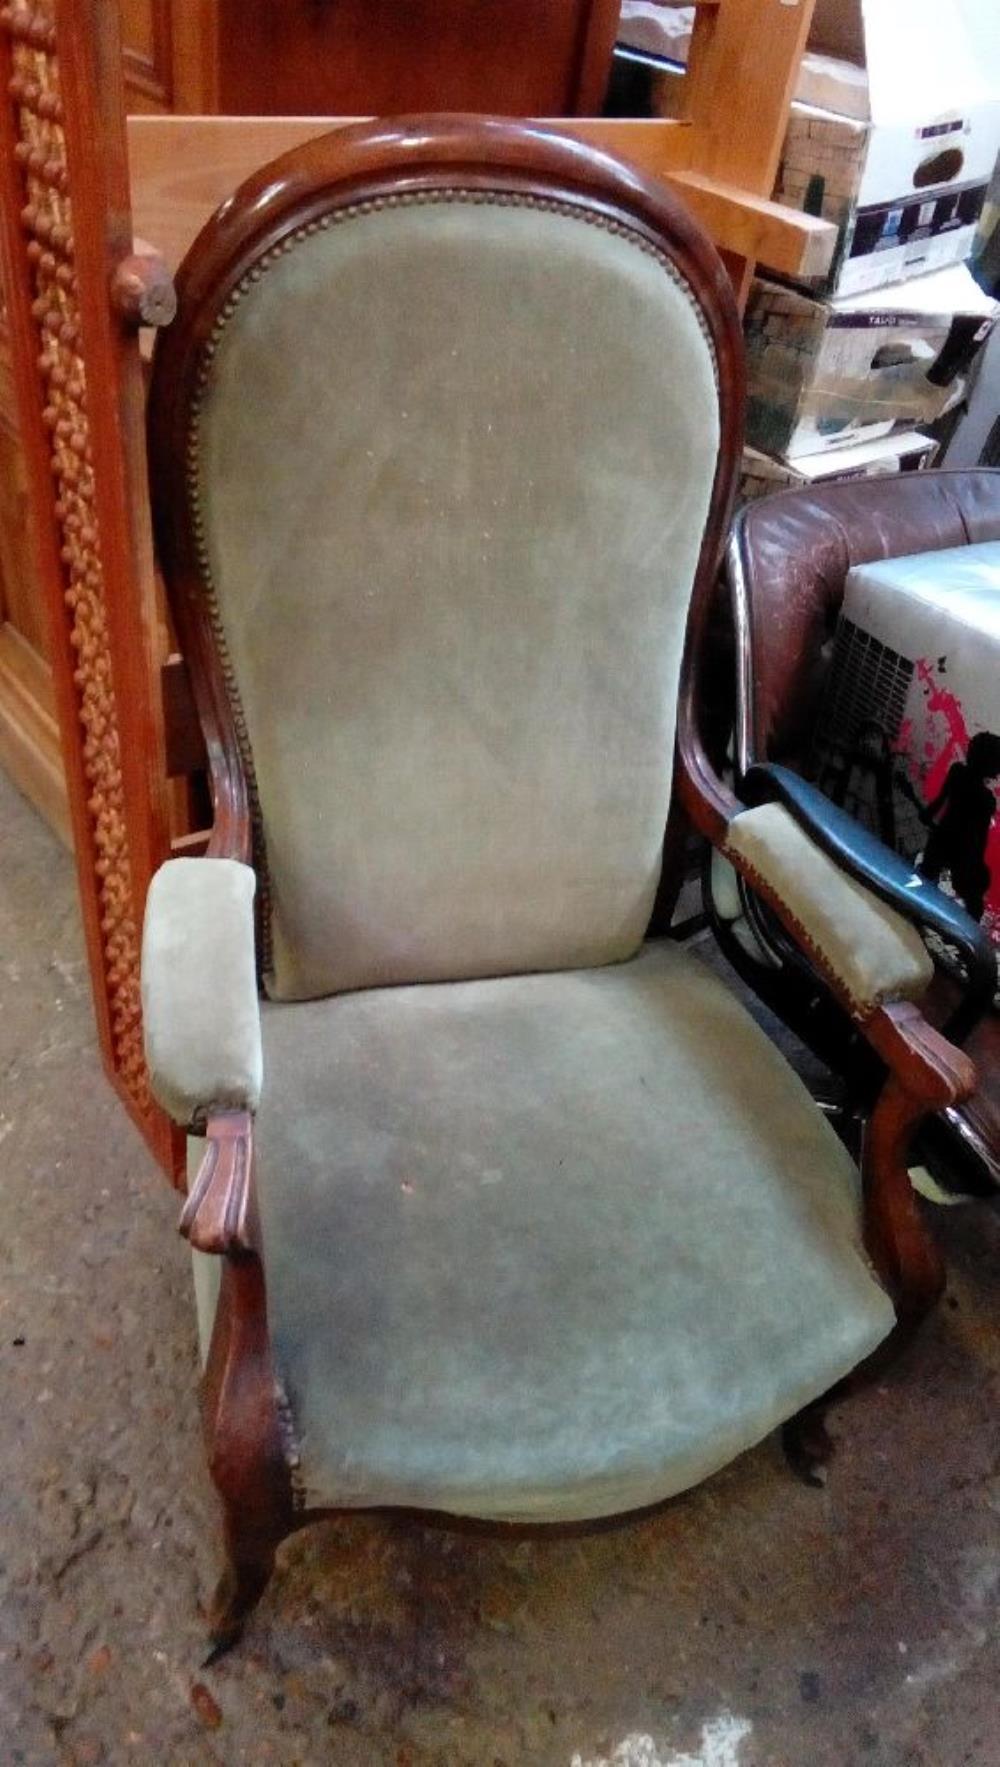 fauteuil voltaire velours vert a restaurer - Restaurer Un Fauteuil Voltaire